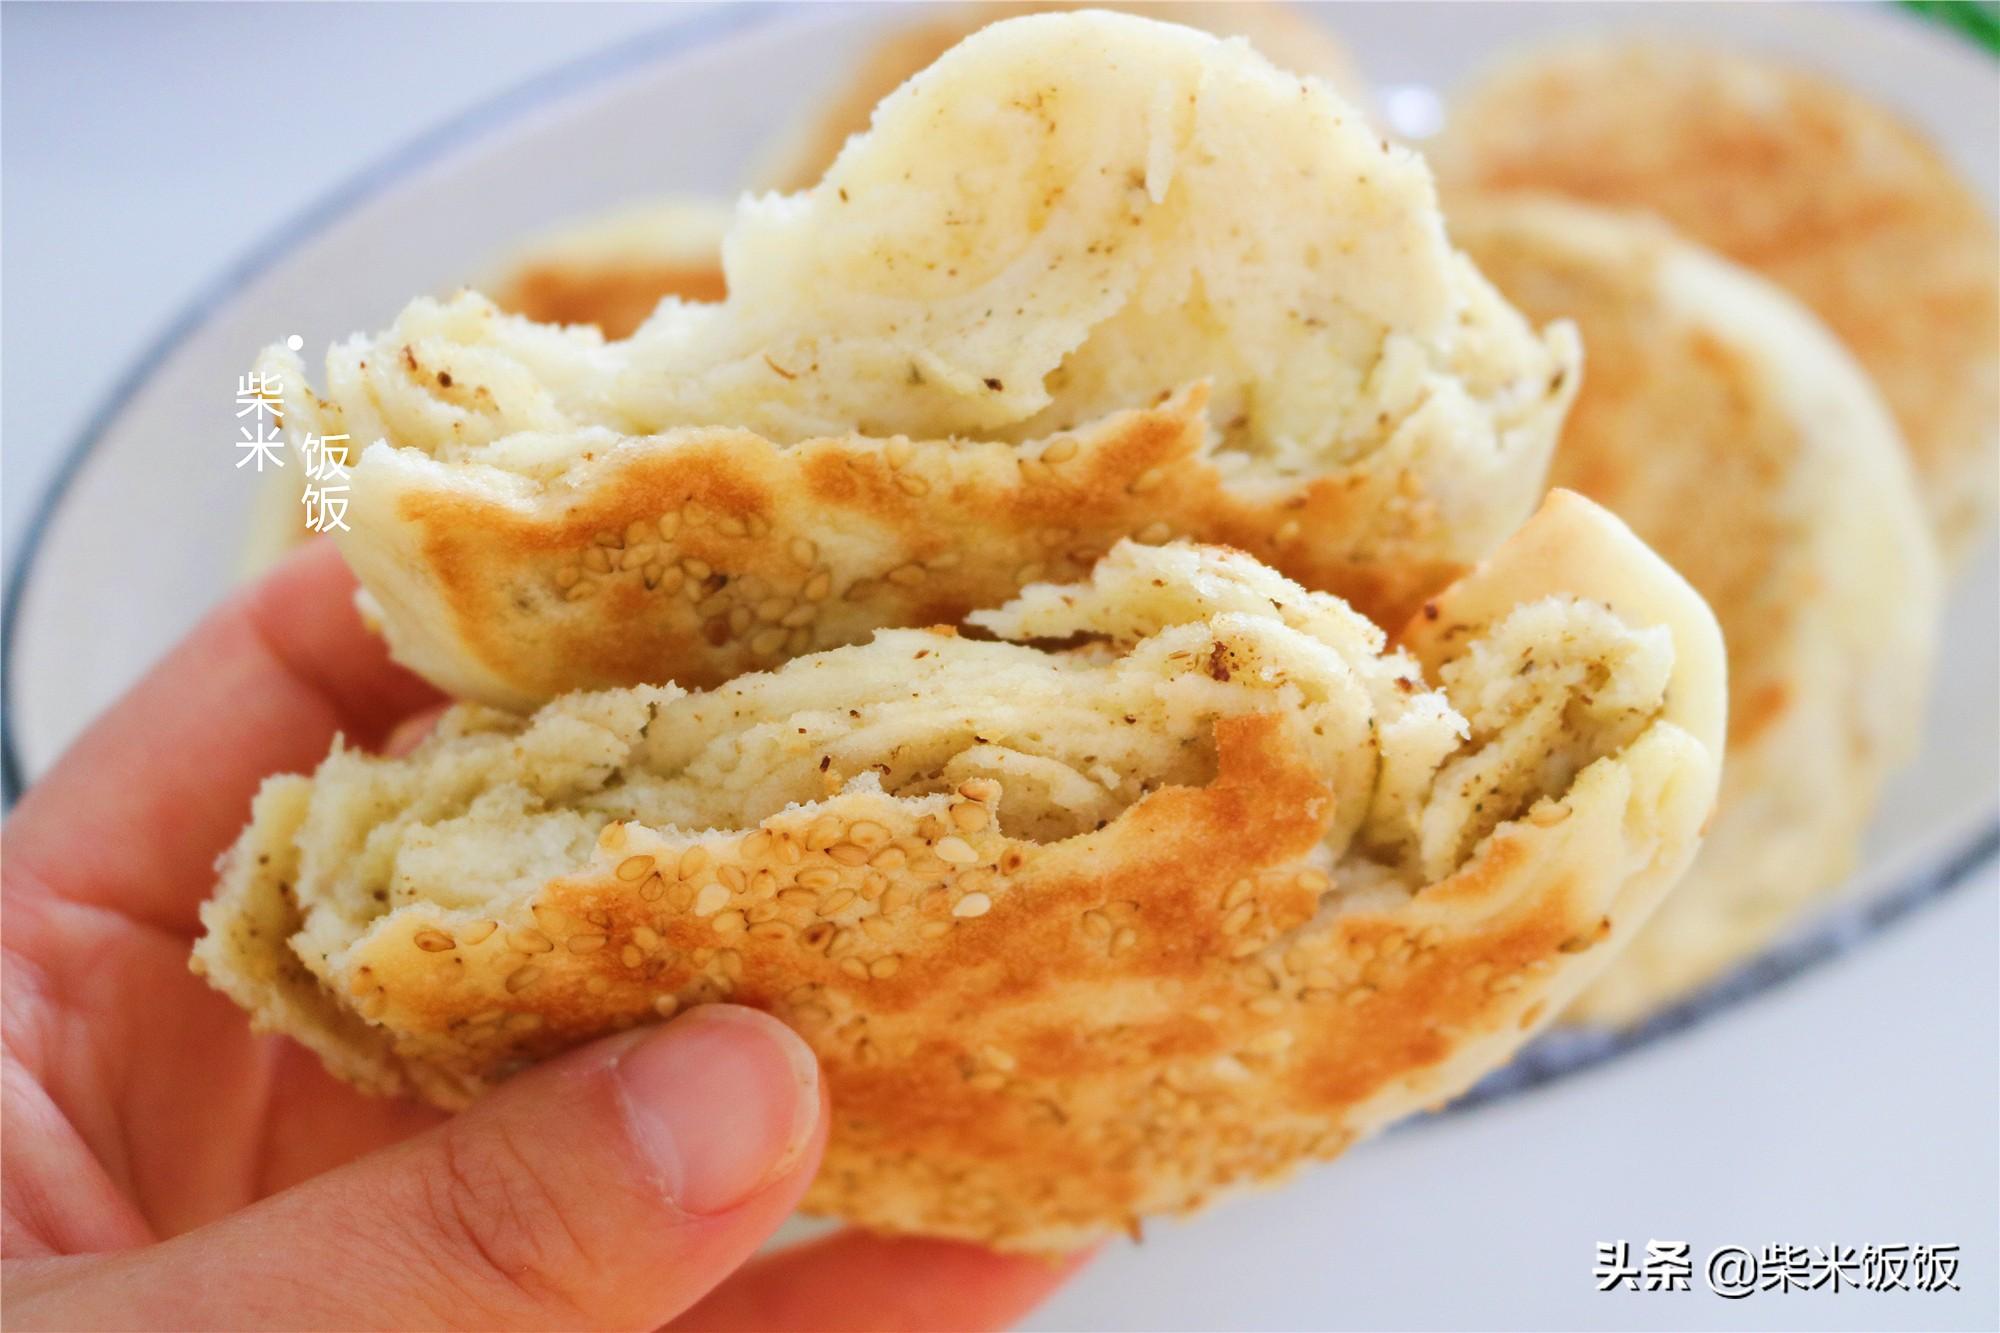 燒餅這樣做太好吃了,外酥裡軟,一層更比一層香,做法簡單